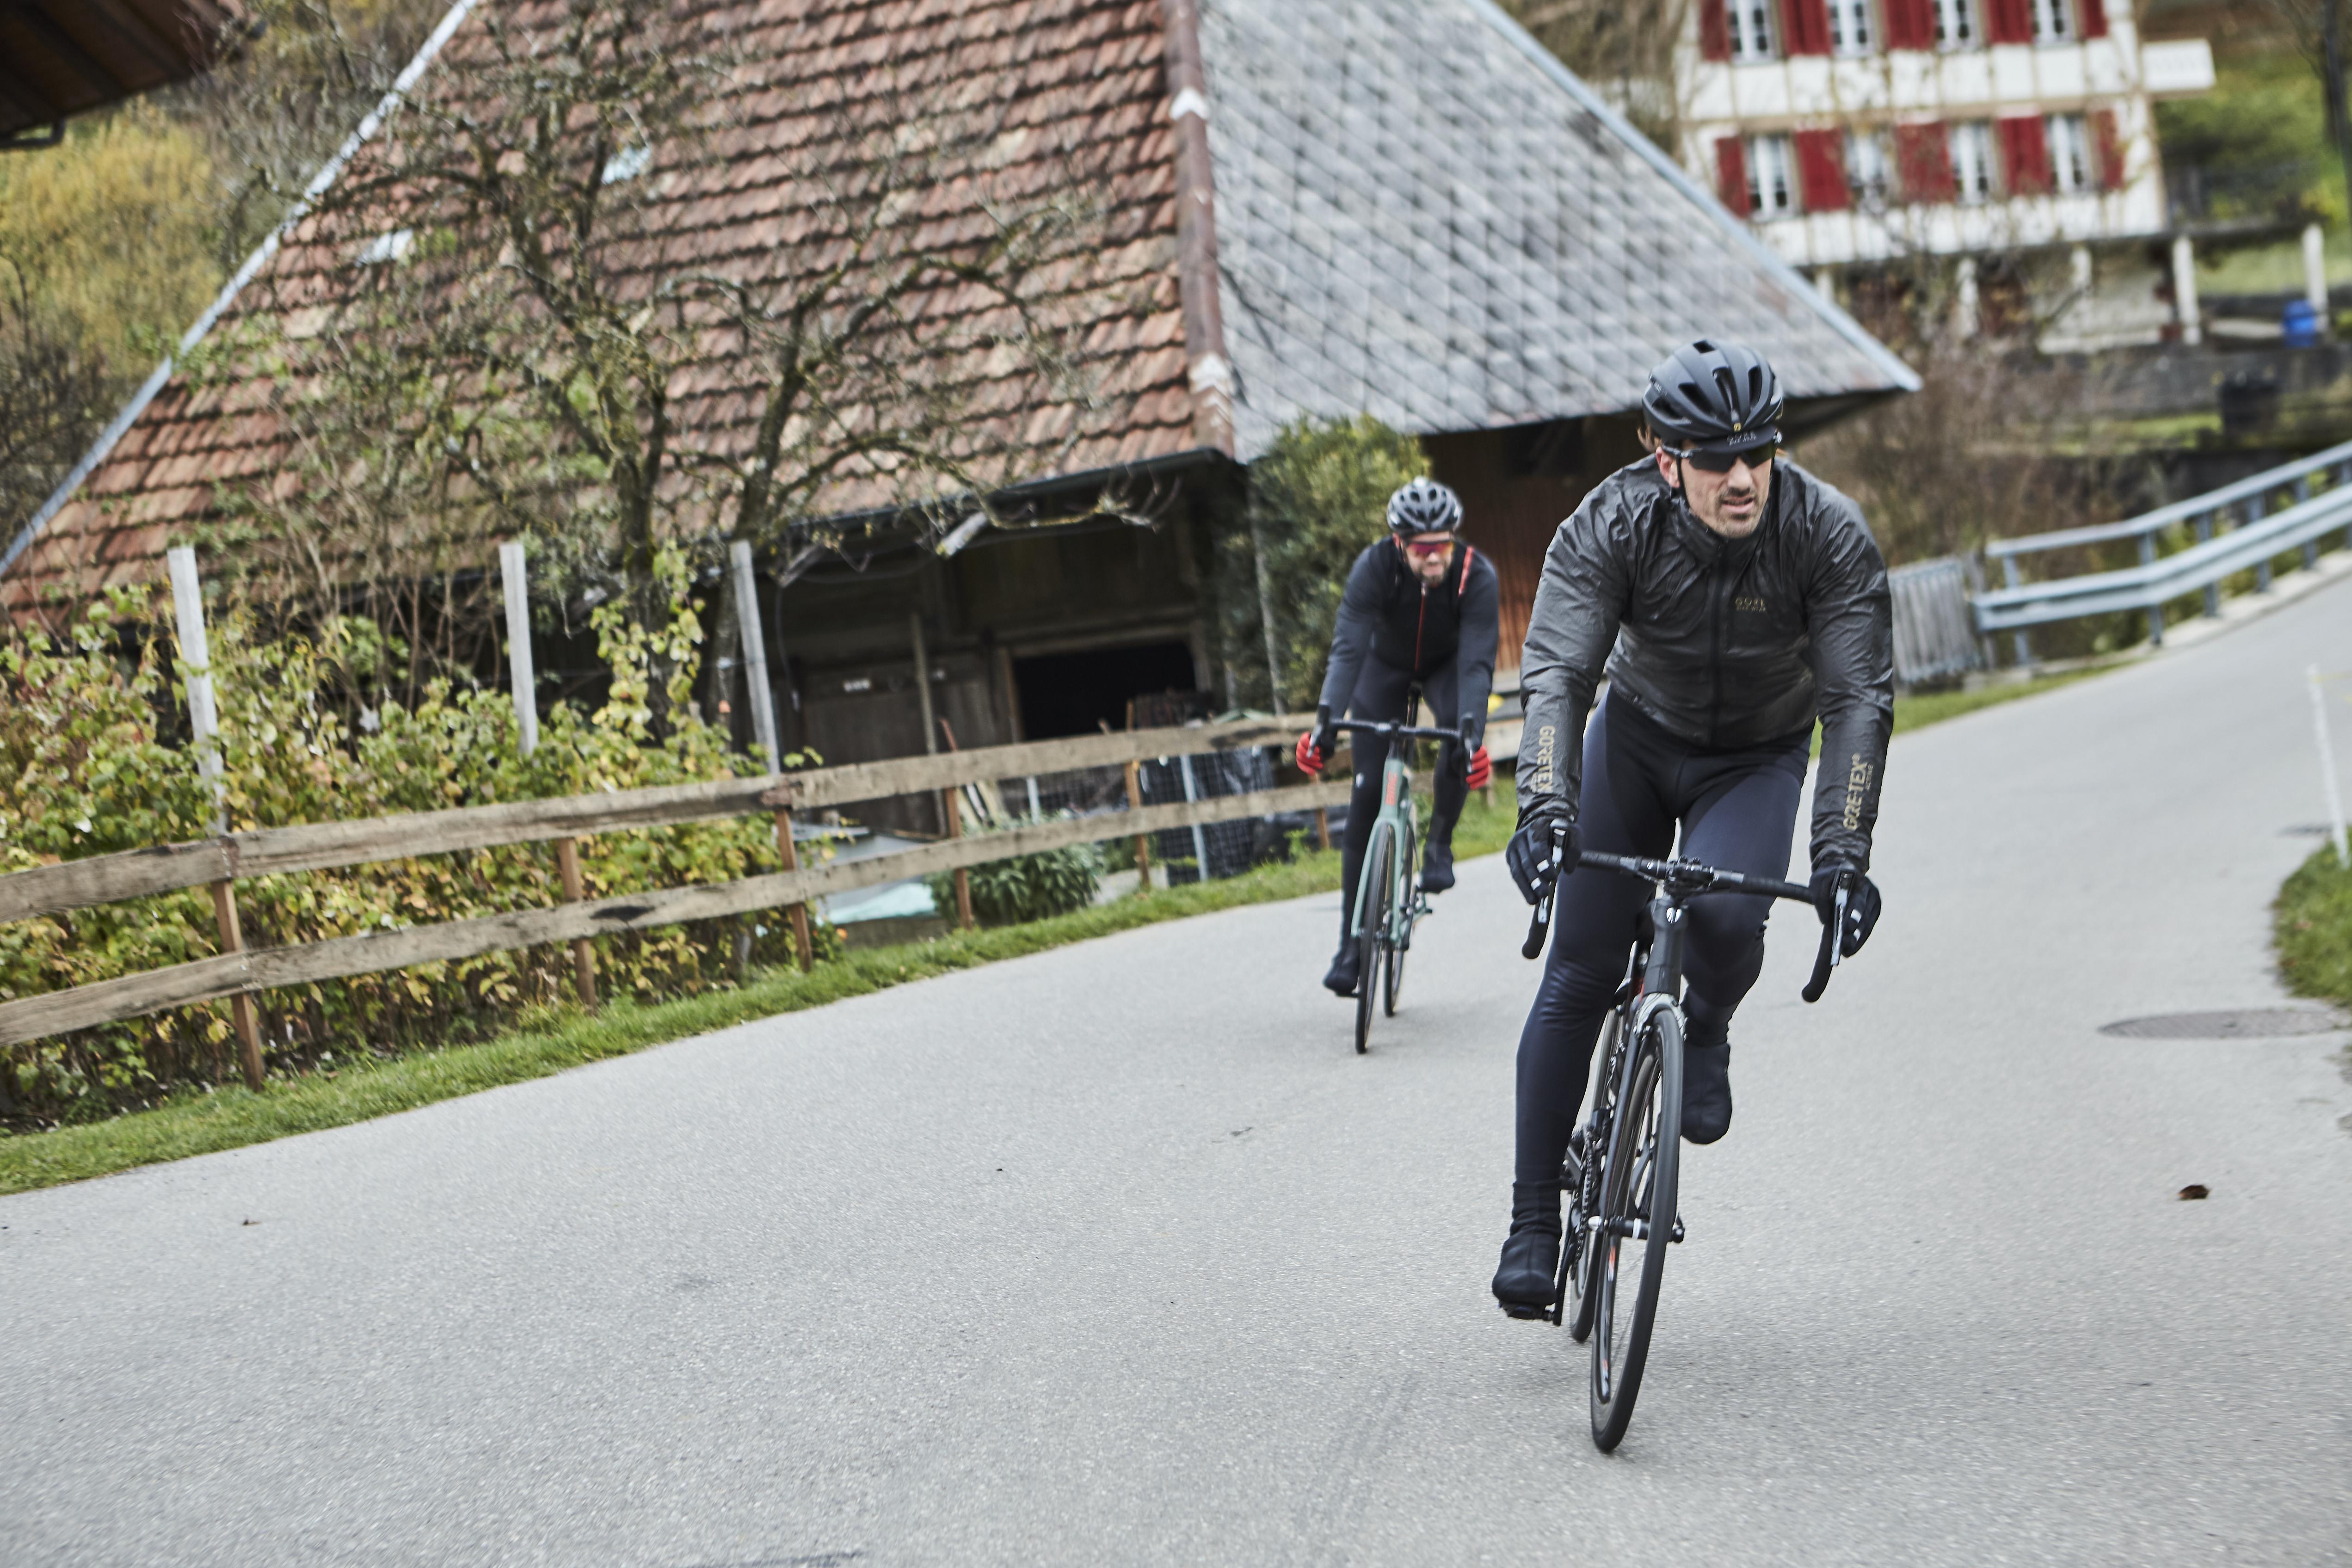 Bahamontes Fabian Cancellara An3Y5896 Selektie